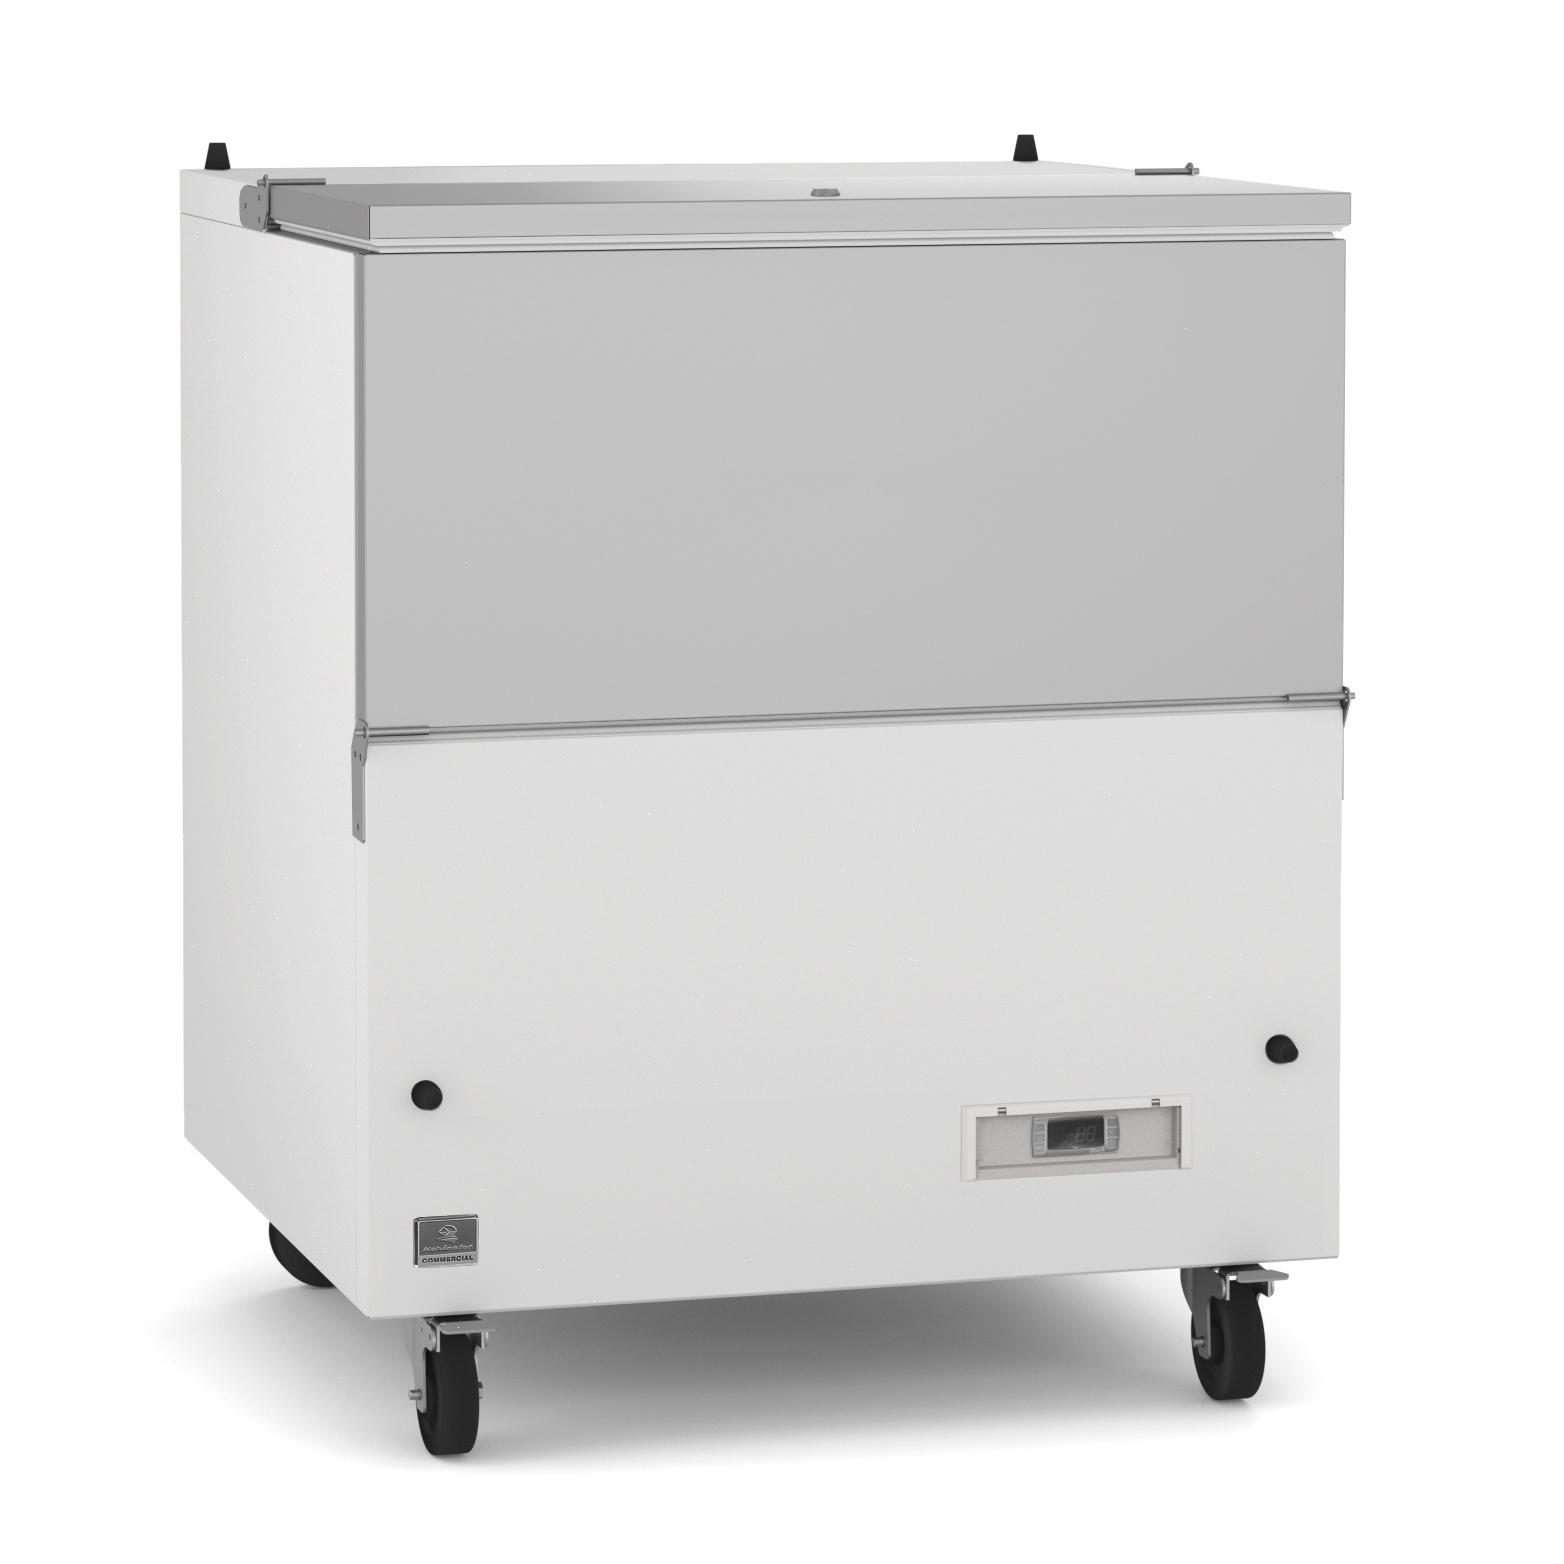 Kelvinator Commercial KCHMC34 milk cooler / station